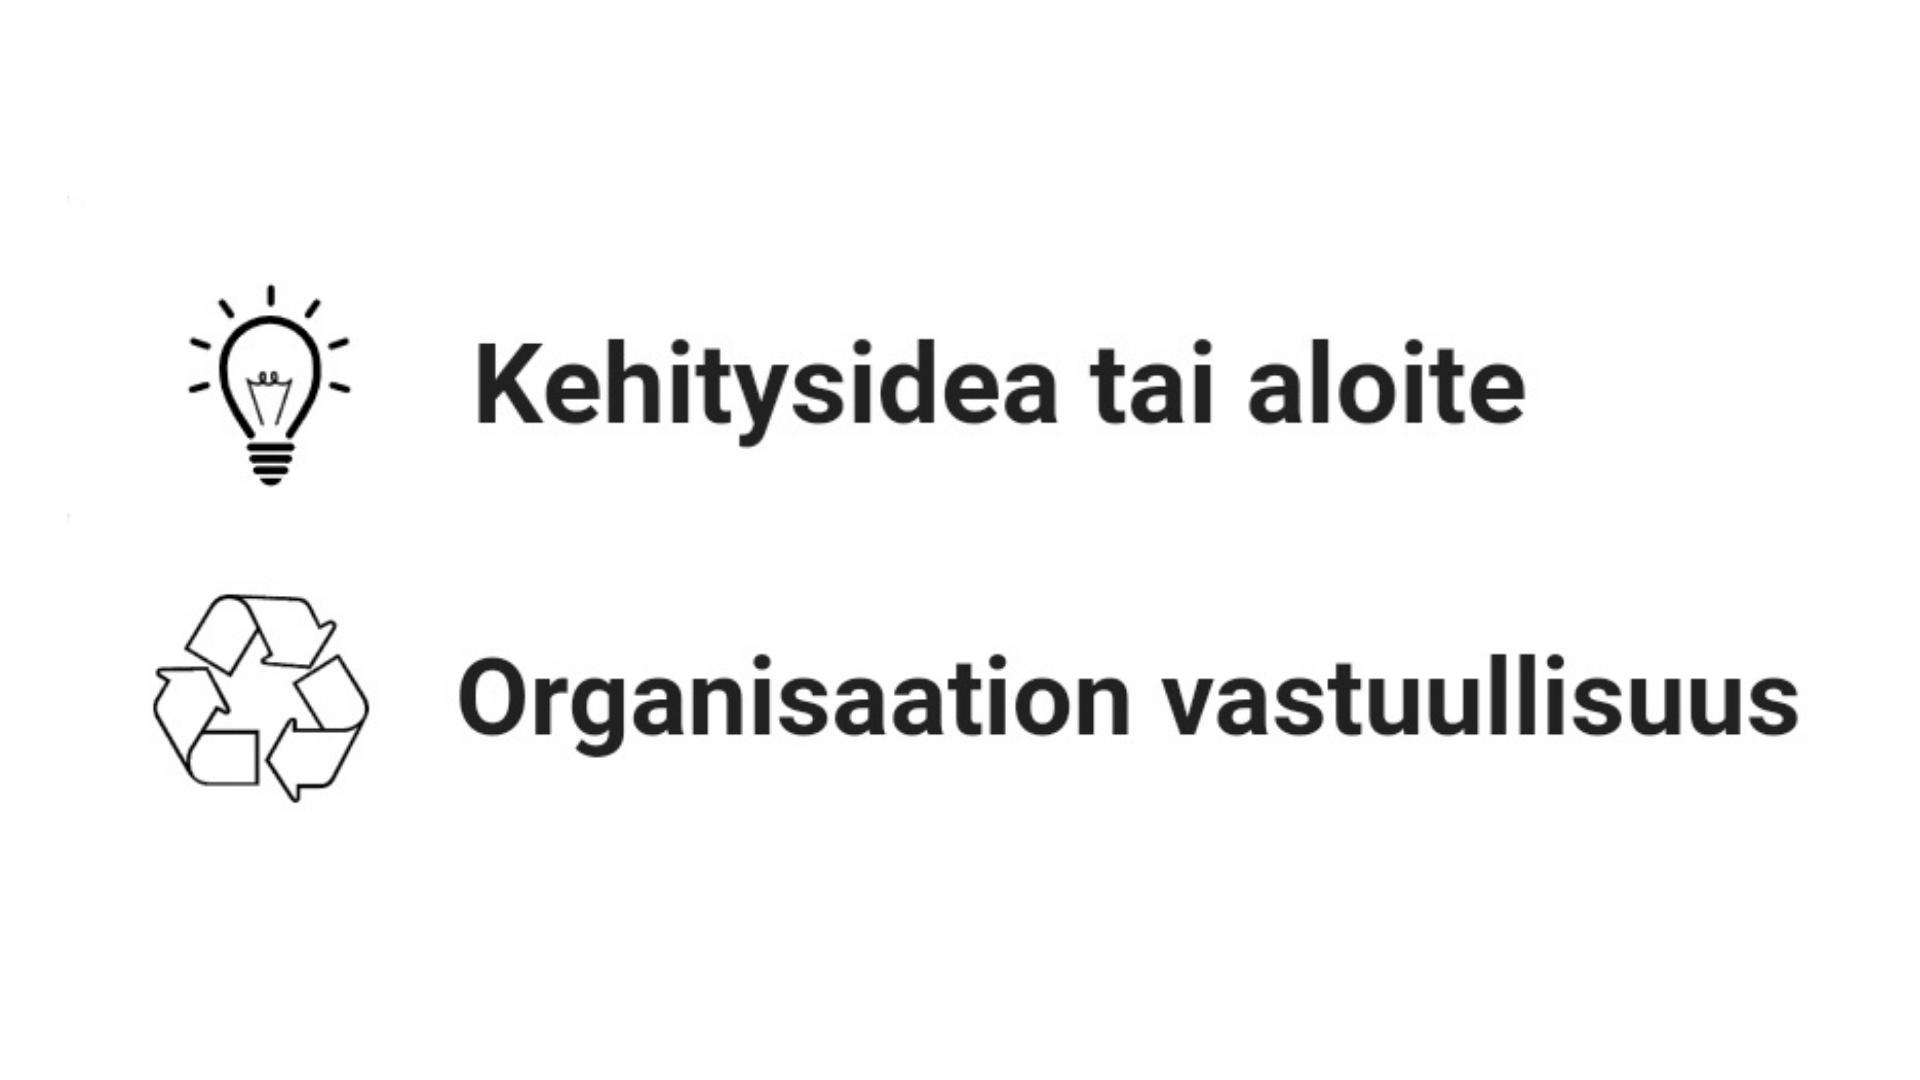 Kehitysidea tai aloite ja organisaation vastuullisuus